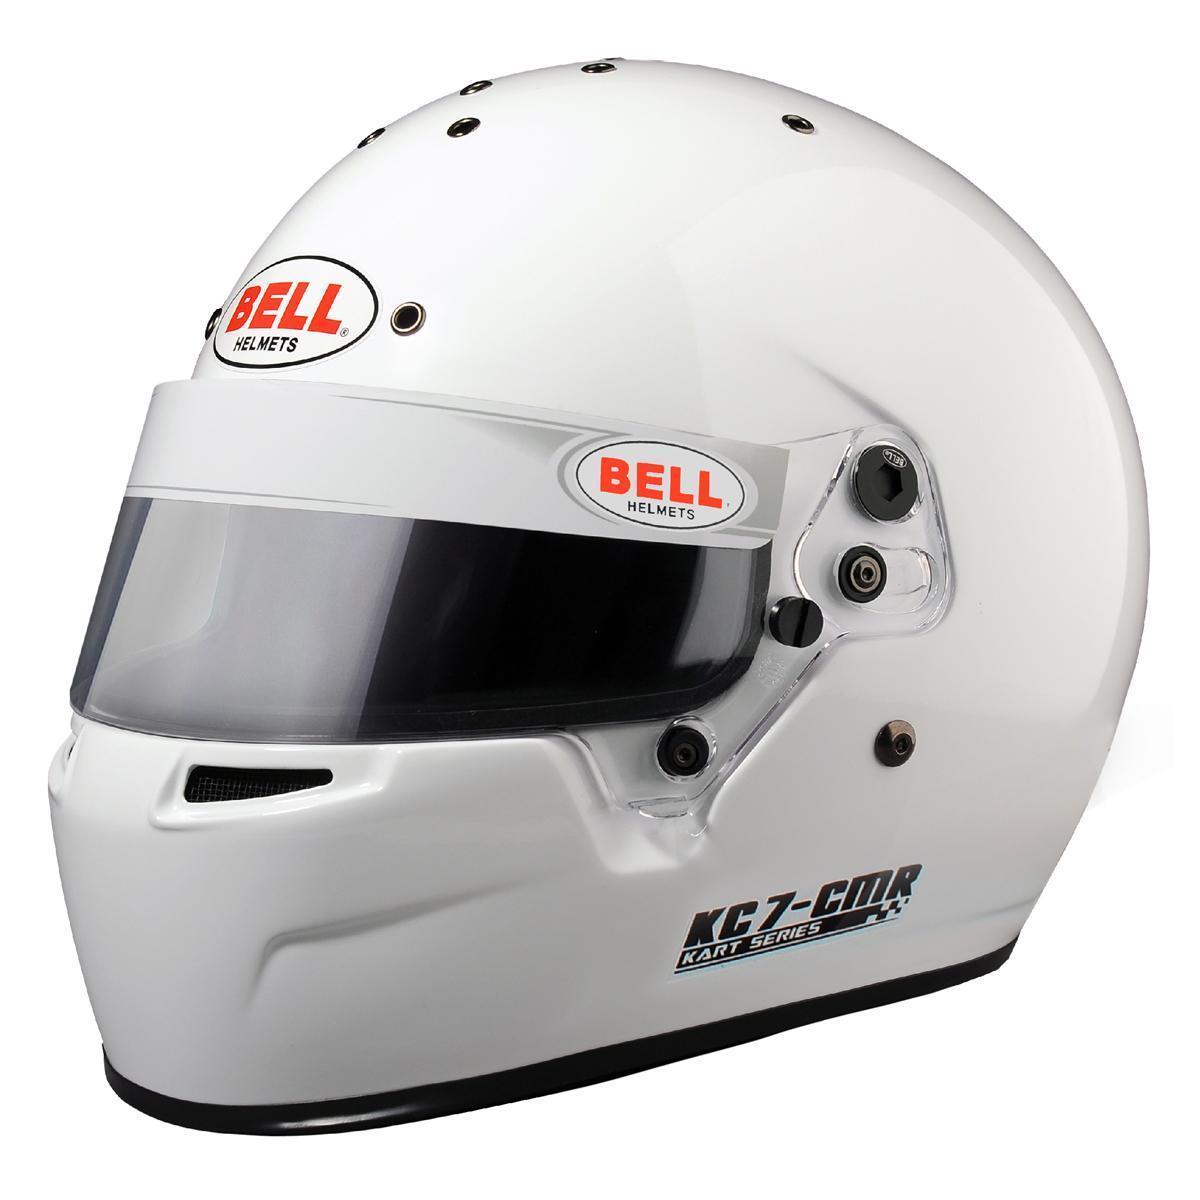 Bell KC7-CMR White 55